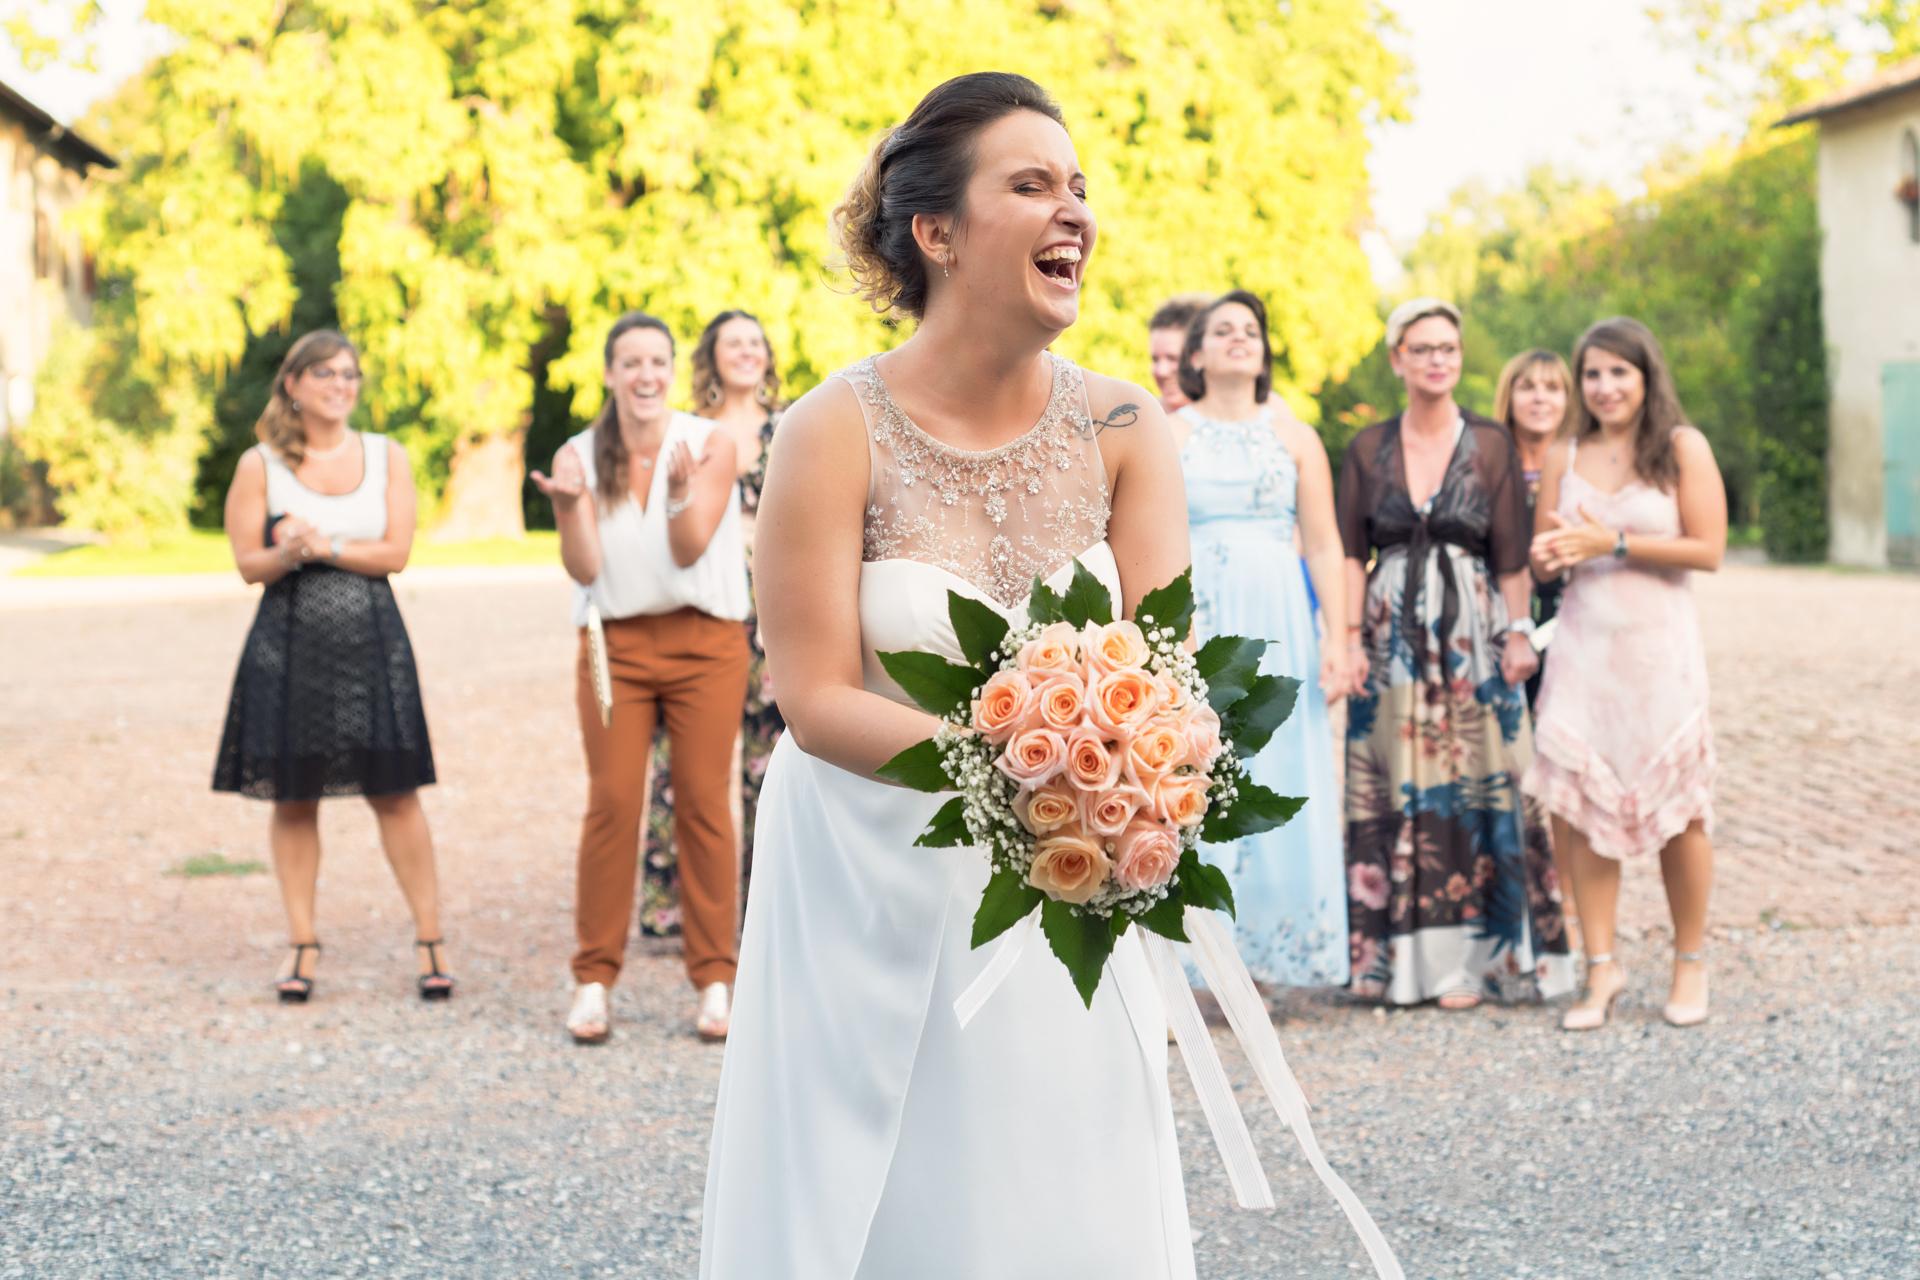 fotografo-matrimonio-parma-9.JPG